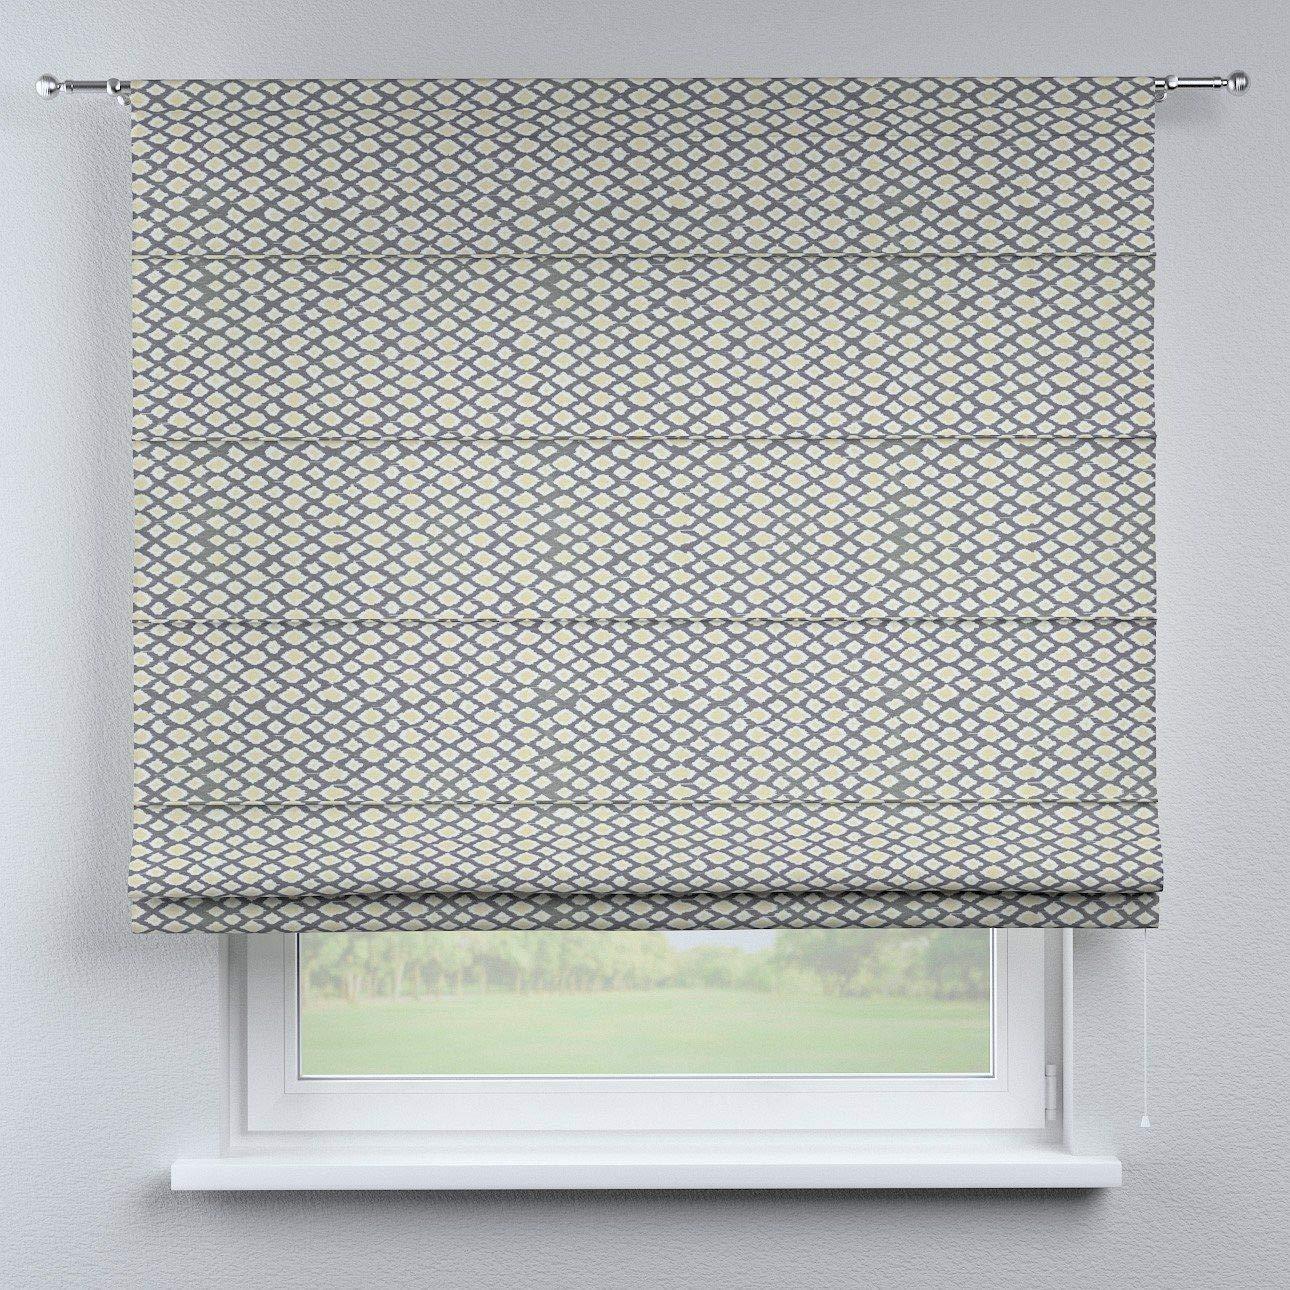 Dekoria Raffrollo Torino ohne Bohren Blickdicht Faltvorhang Raffgardine Wohnzimmer Schlafzimmer Kinderzimmer 130 × 170 cm grün-grau Raffrollos auf Maß maßanfertigung möglich